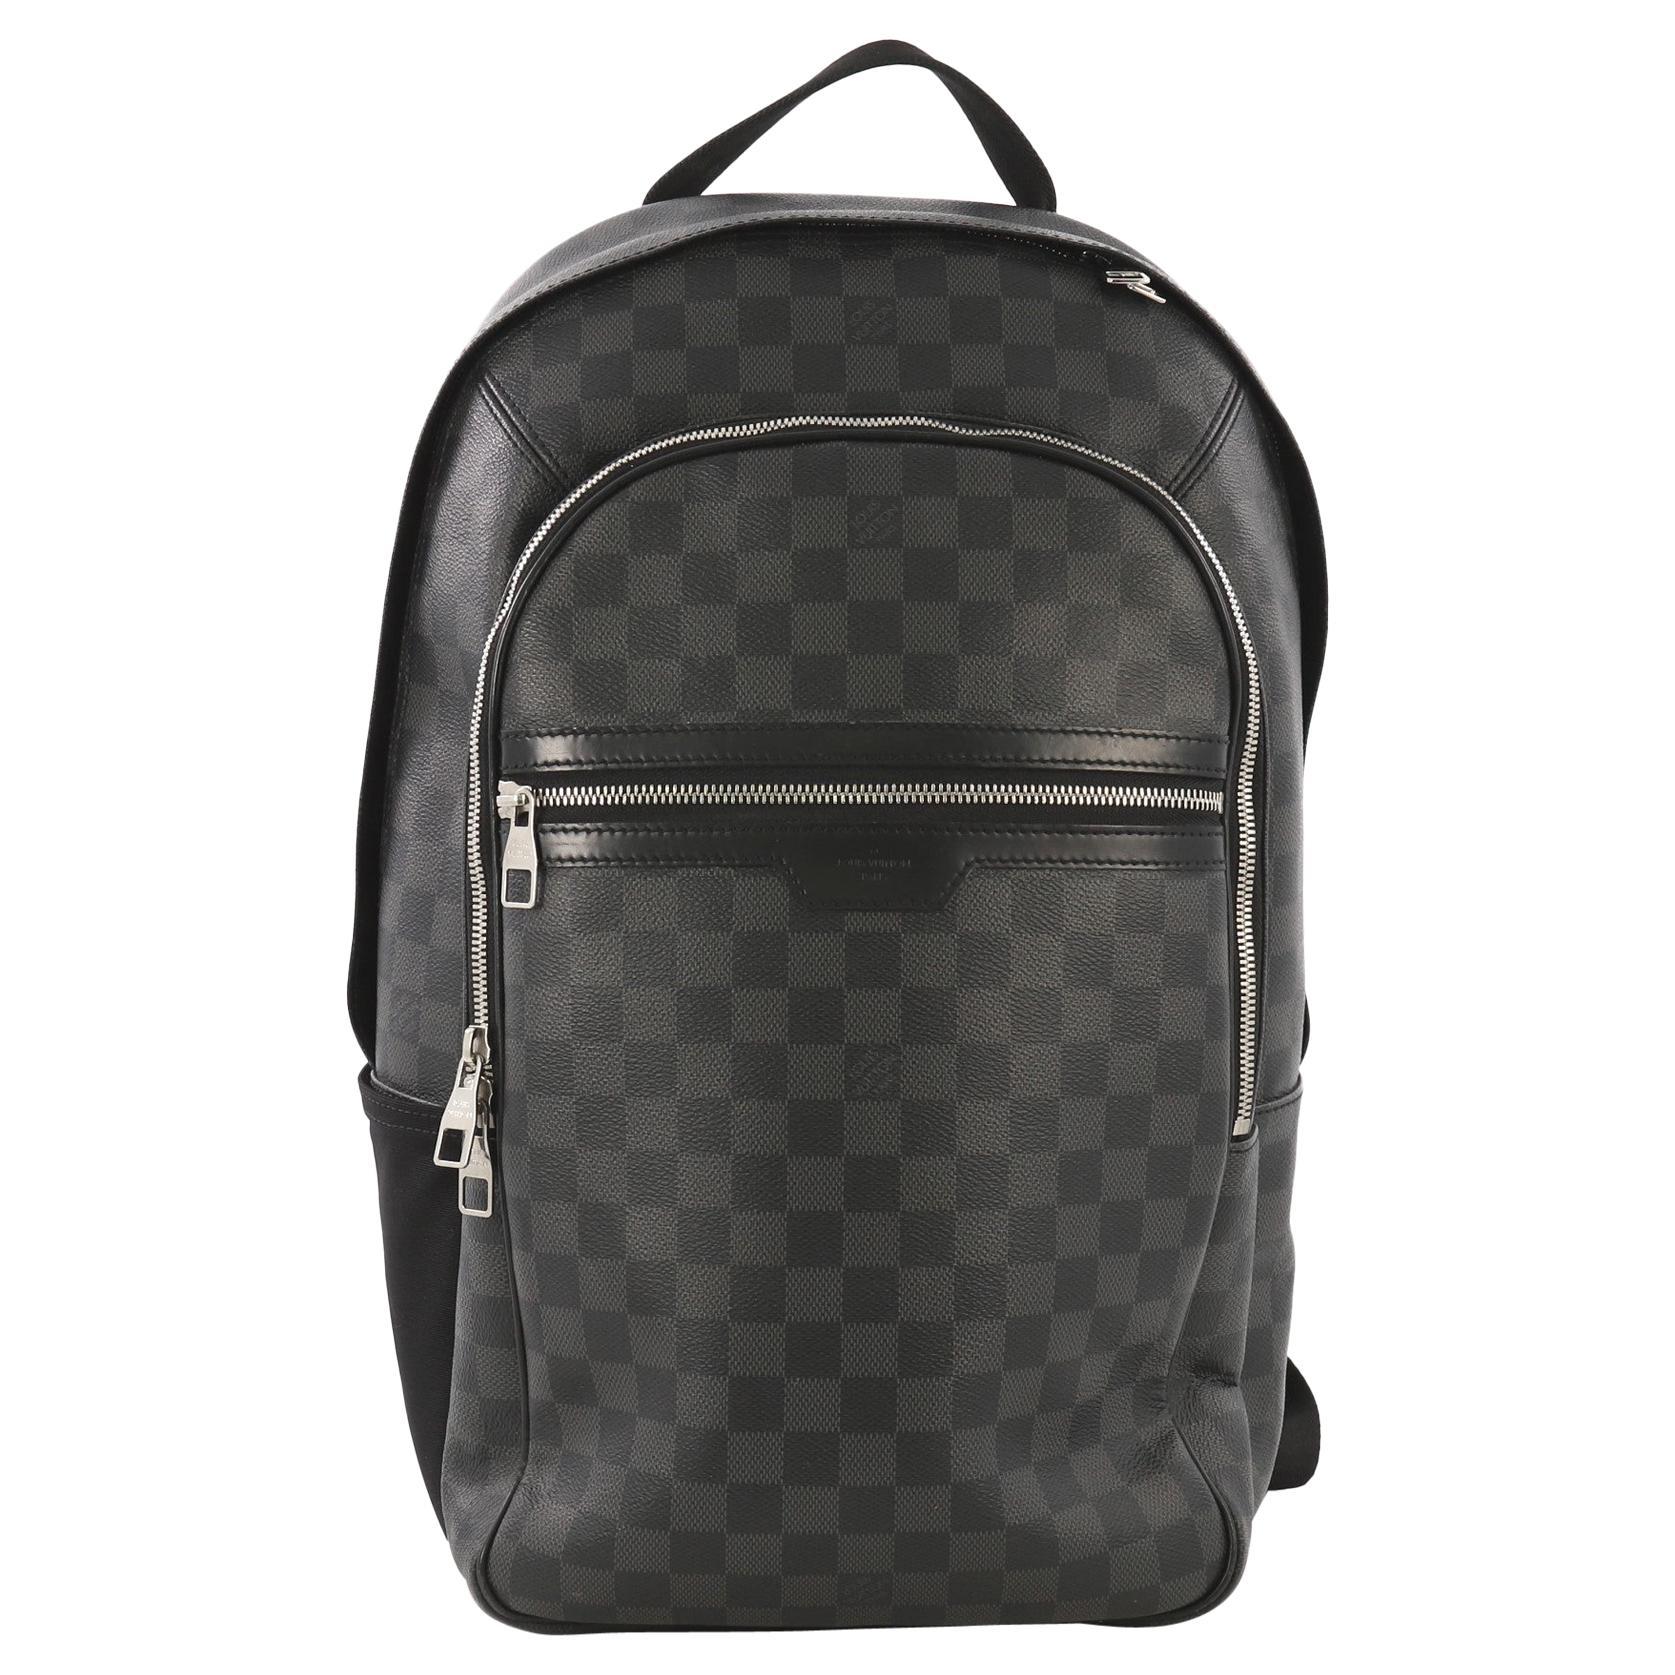 42d29520ff7e Rebag Backpacks - 1stdibs